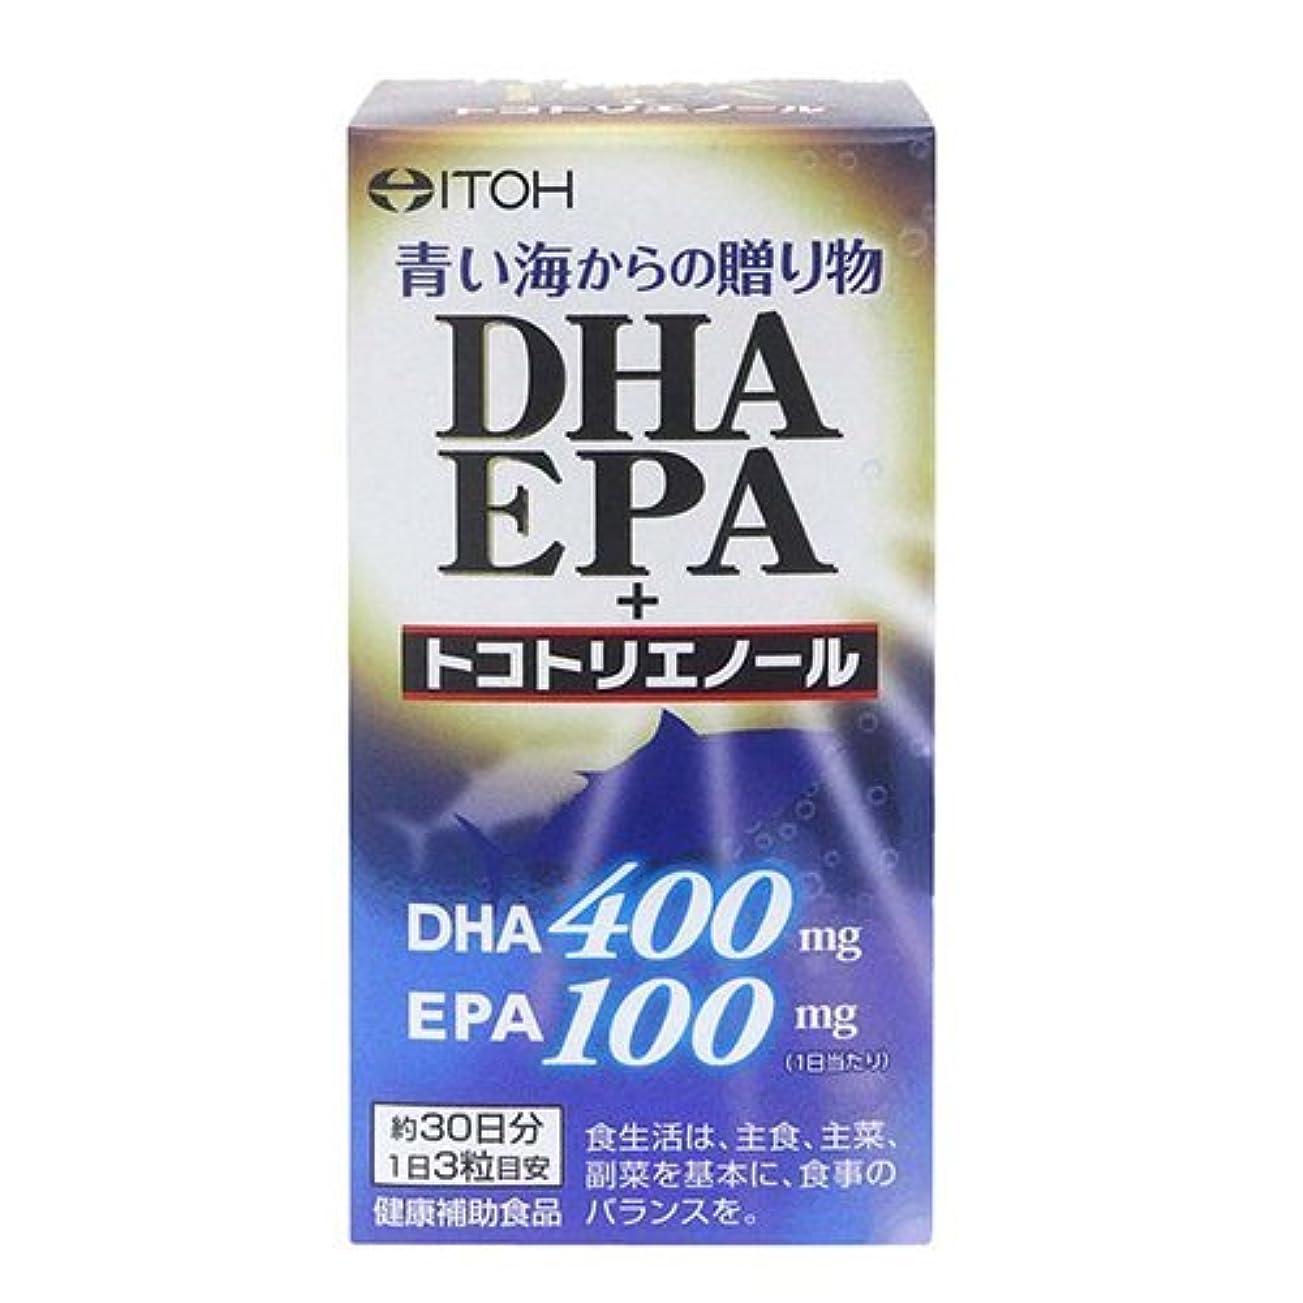 廃止安いです運賃井藤漢方製薬 DHA EPA+トコトリエノール 約30日分 90粒 Japan